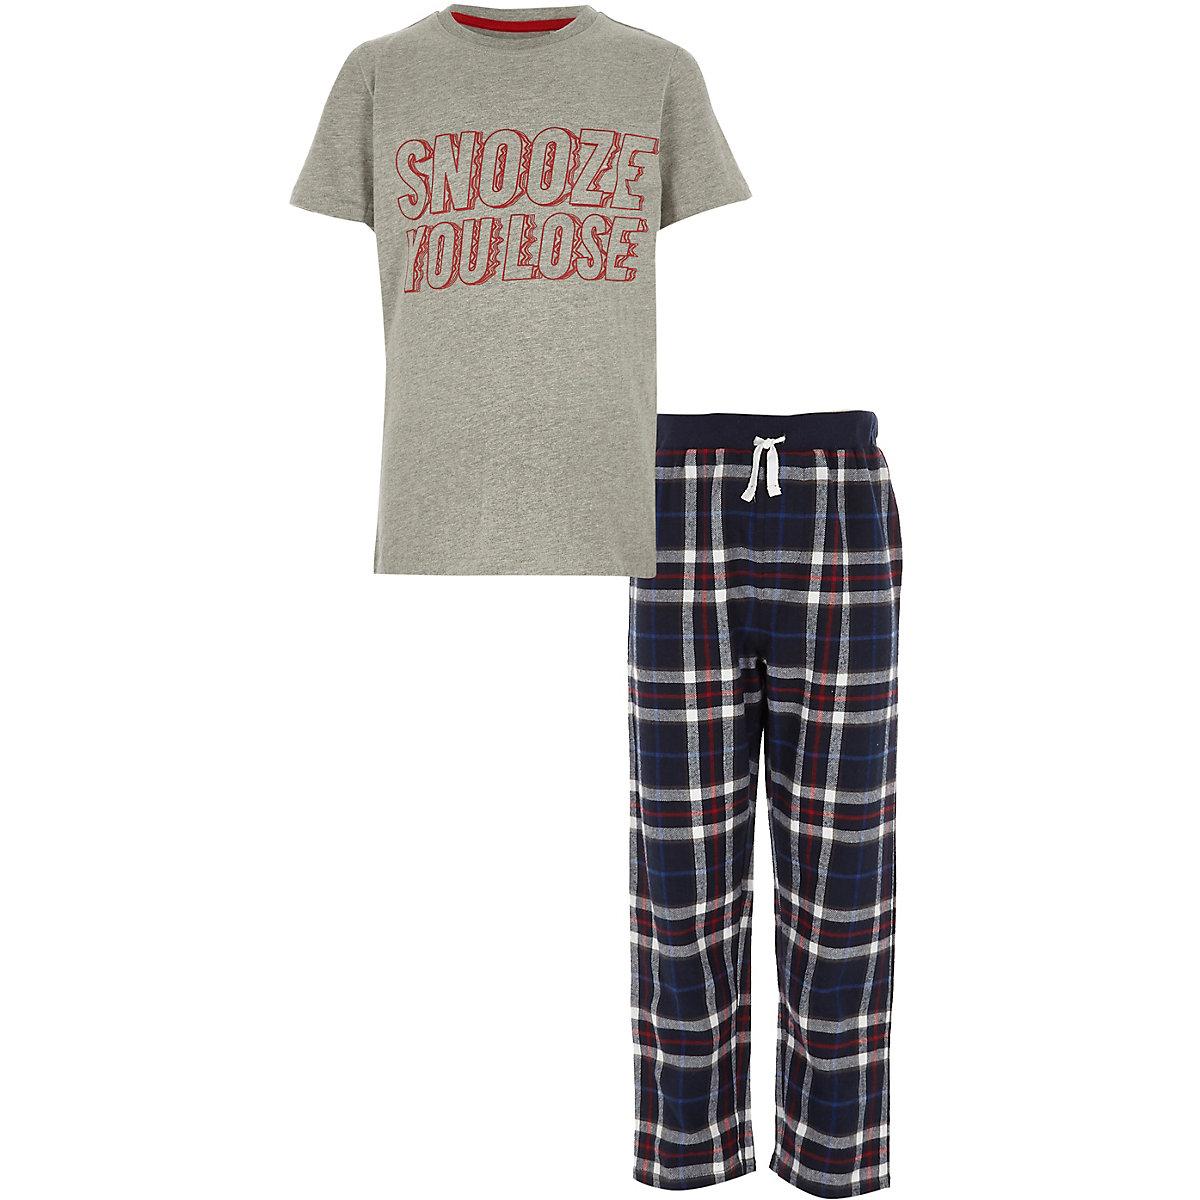 Graues Pyjamaset mit Snooze you lose-Print für Jungen